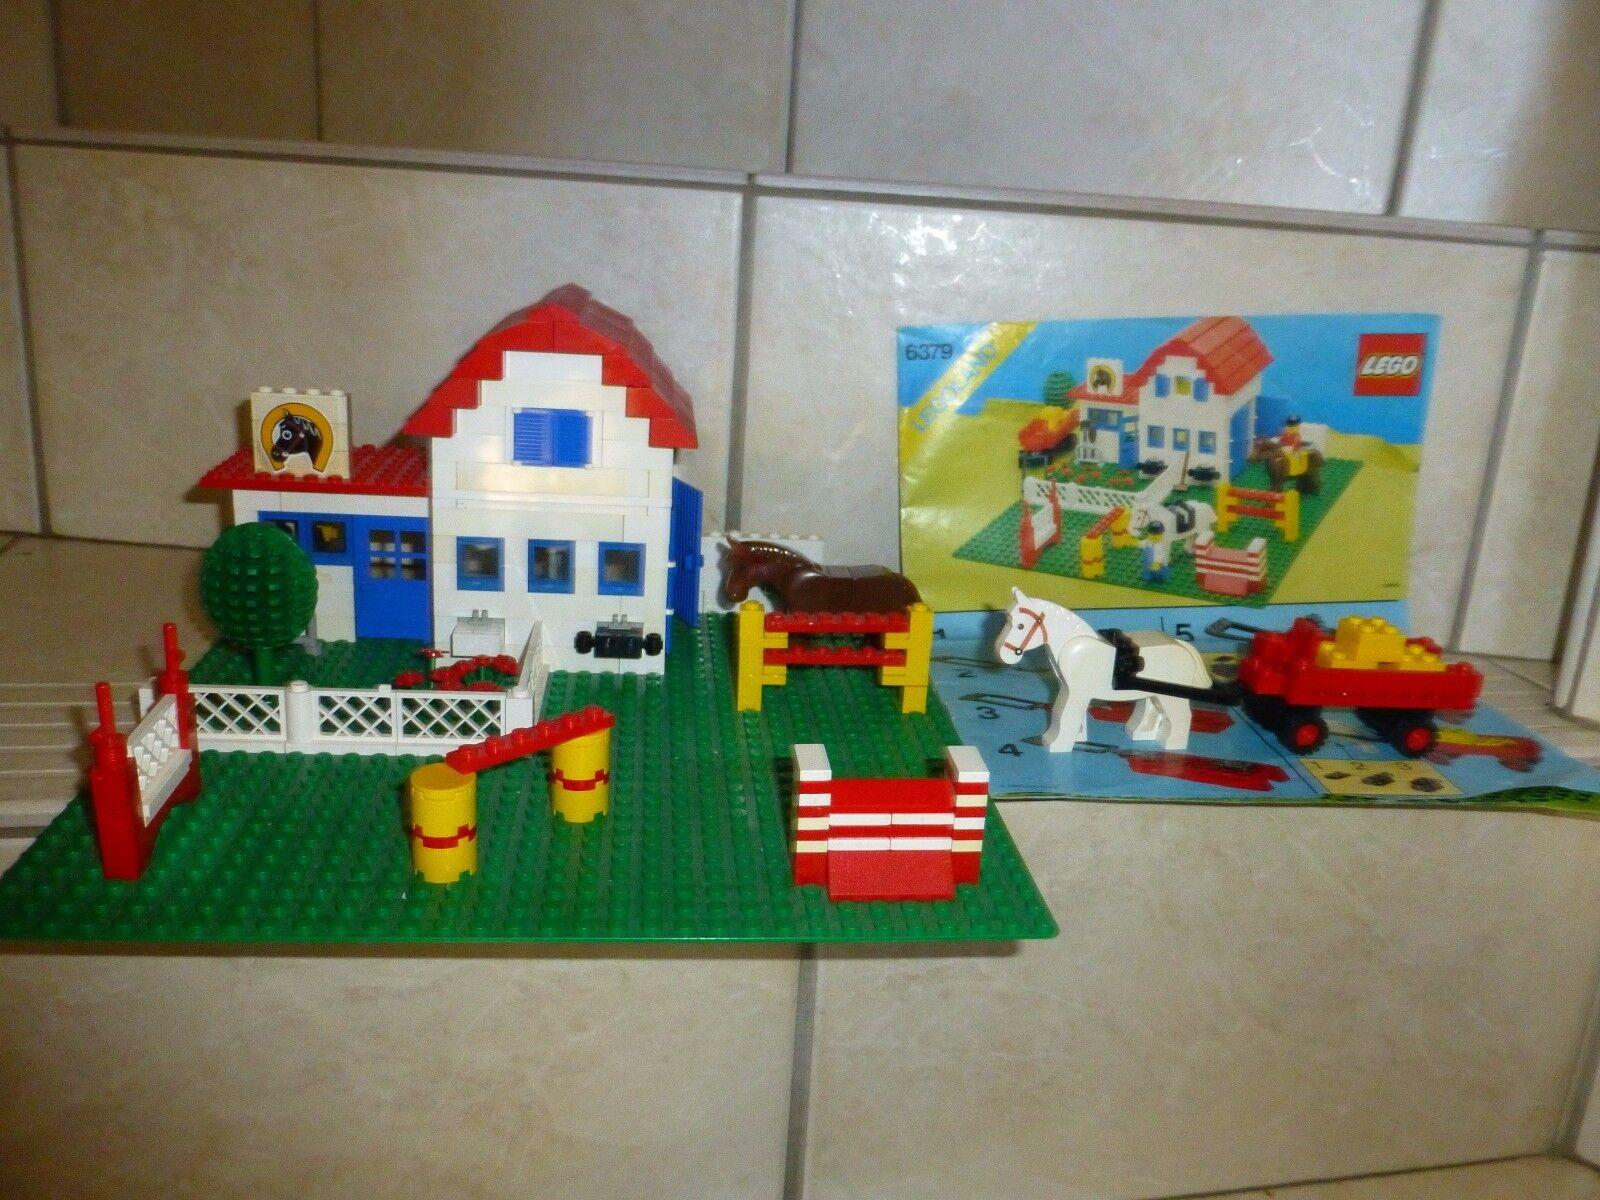 SET LEGO 6379 AVEC NOTICE D' ORIGINE